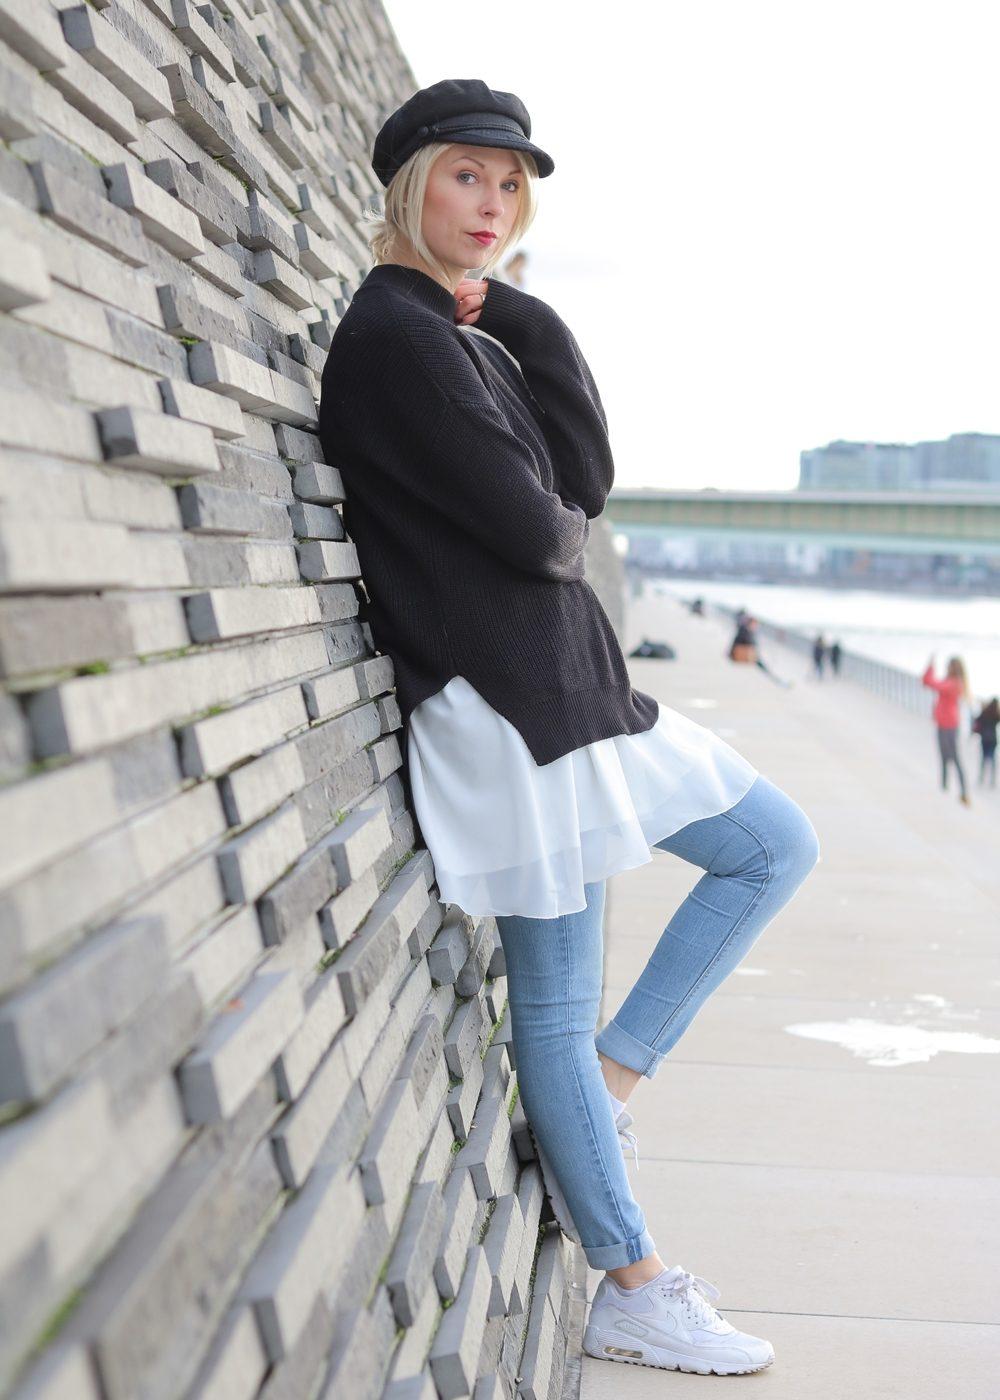 modeblogger-karlsruhe-outfit-herbst-kleid-vero-moda-rostrot-schwarzer-mantel-overknees-hut-11-von-29